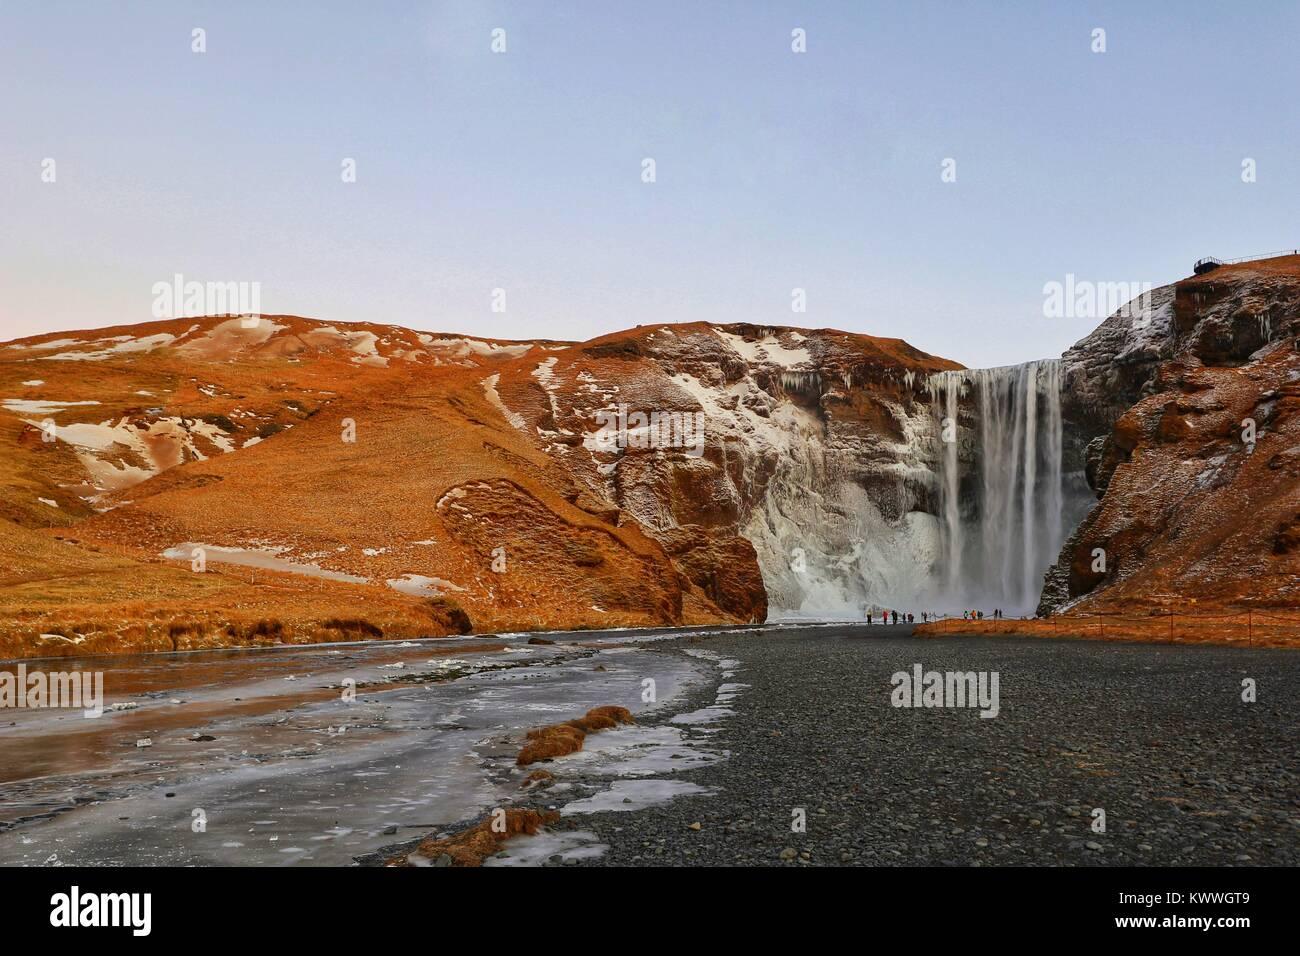 Cascade de Skogafoss, Sud de l'Islande, Islande, Europe Photo Stock